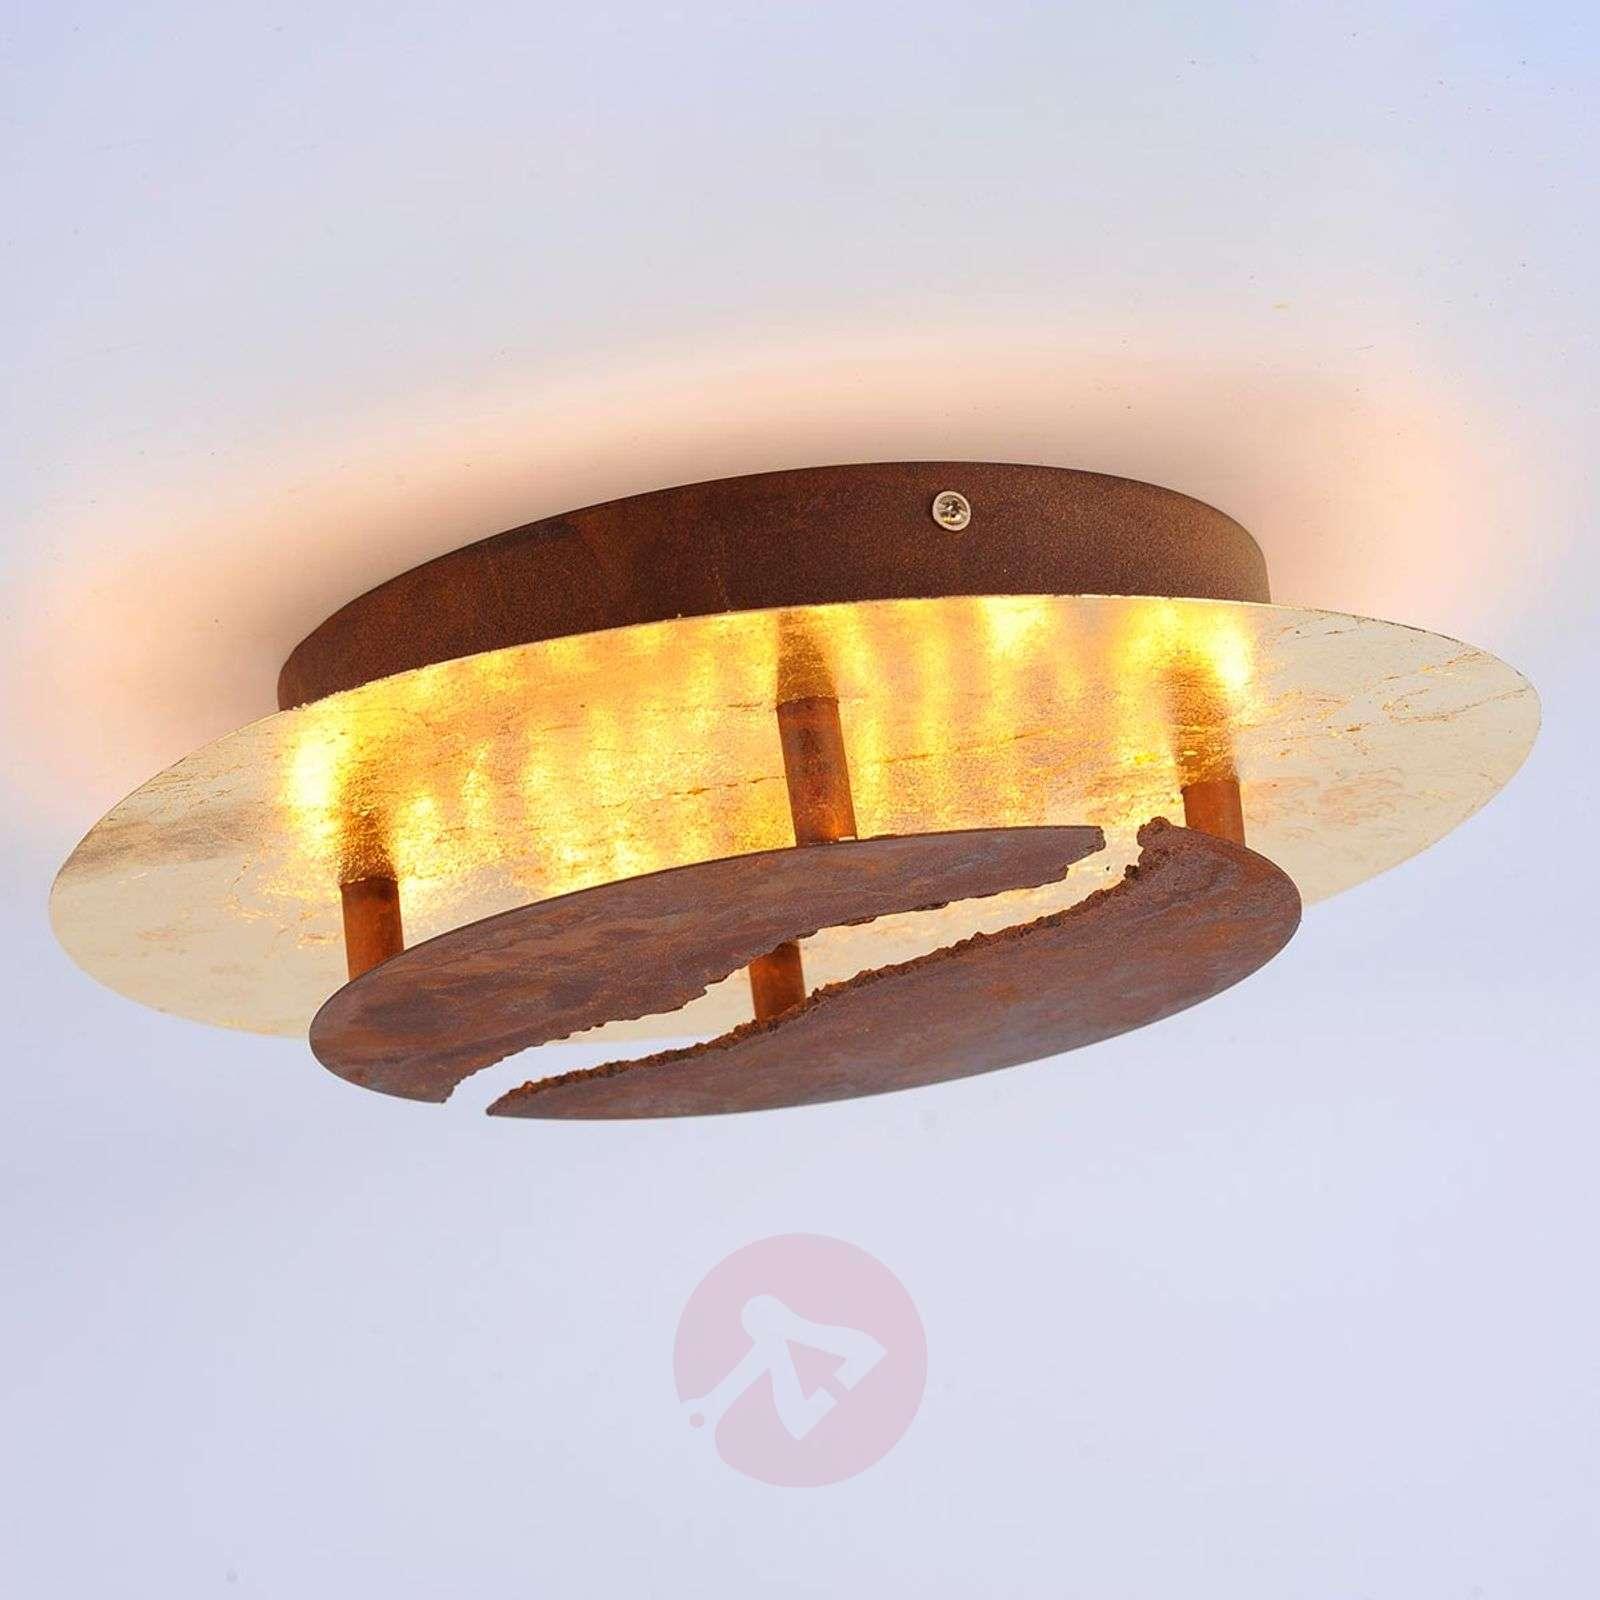 LED-kattolamppu Nevis, Ø 30 cm, ruskea, kulta-7610642-01